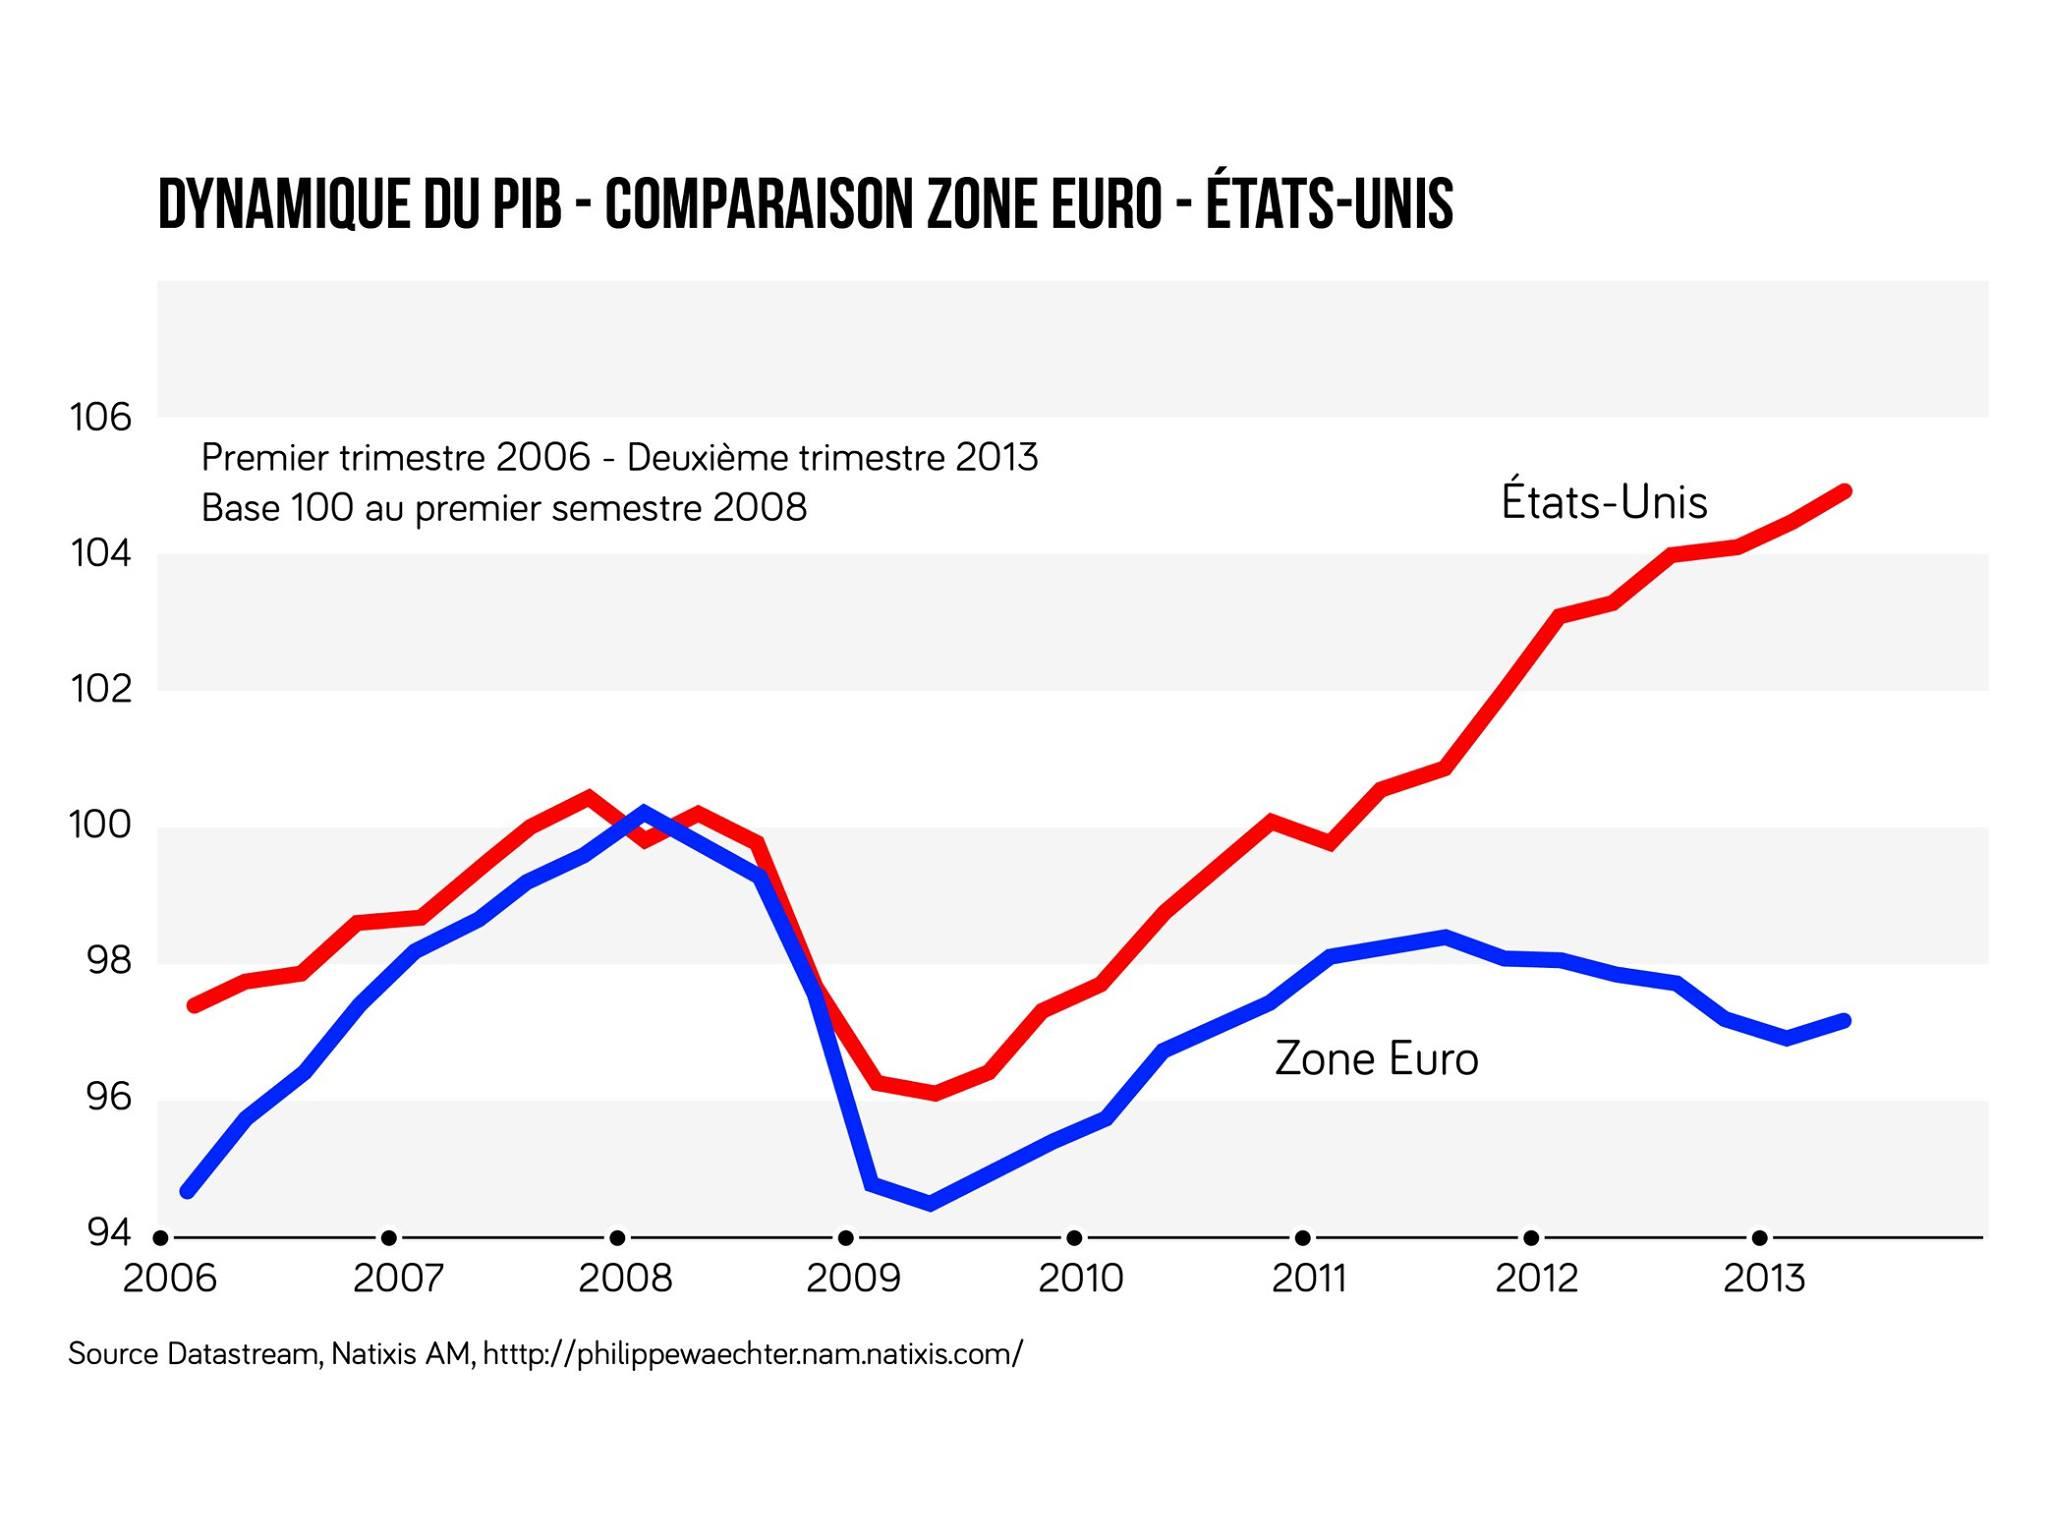 Graphique des évolutions des PIB de l'Union européenne et des États-Unis entre 2006 et 2013